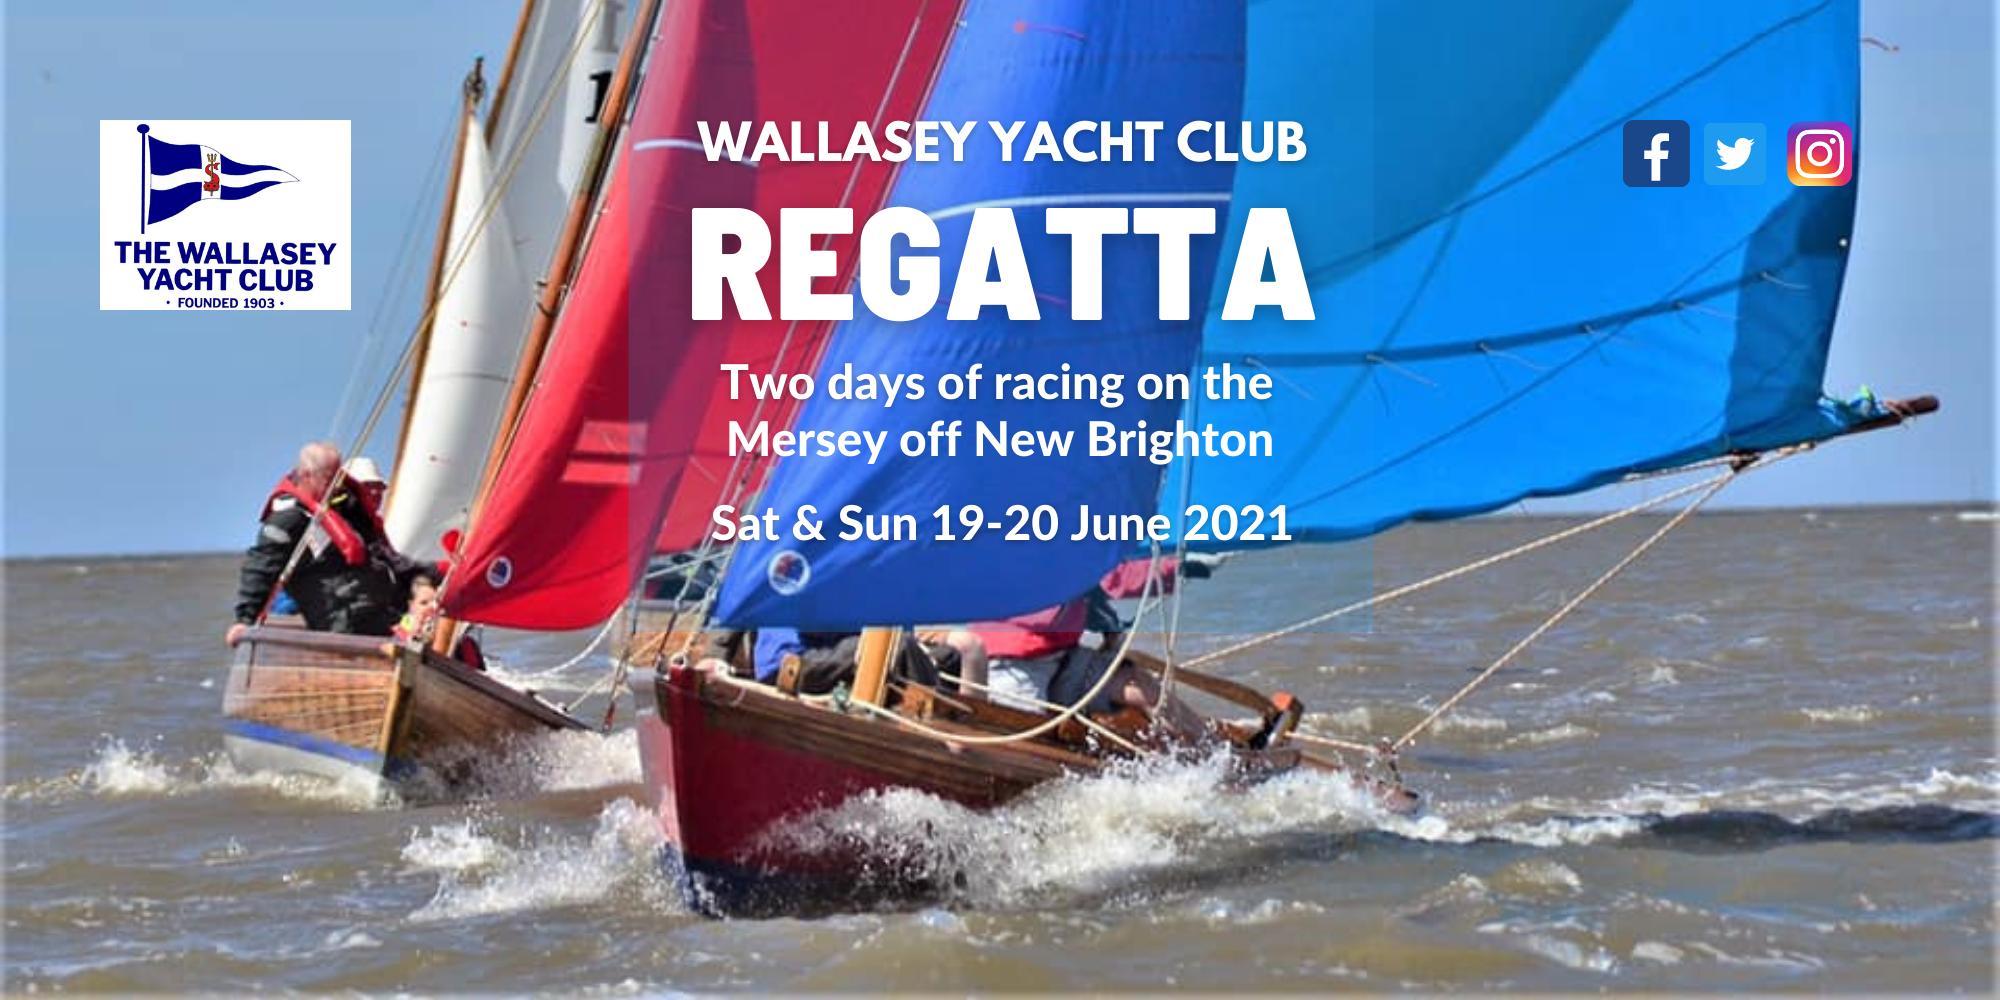 The Wallasey Yacht Club